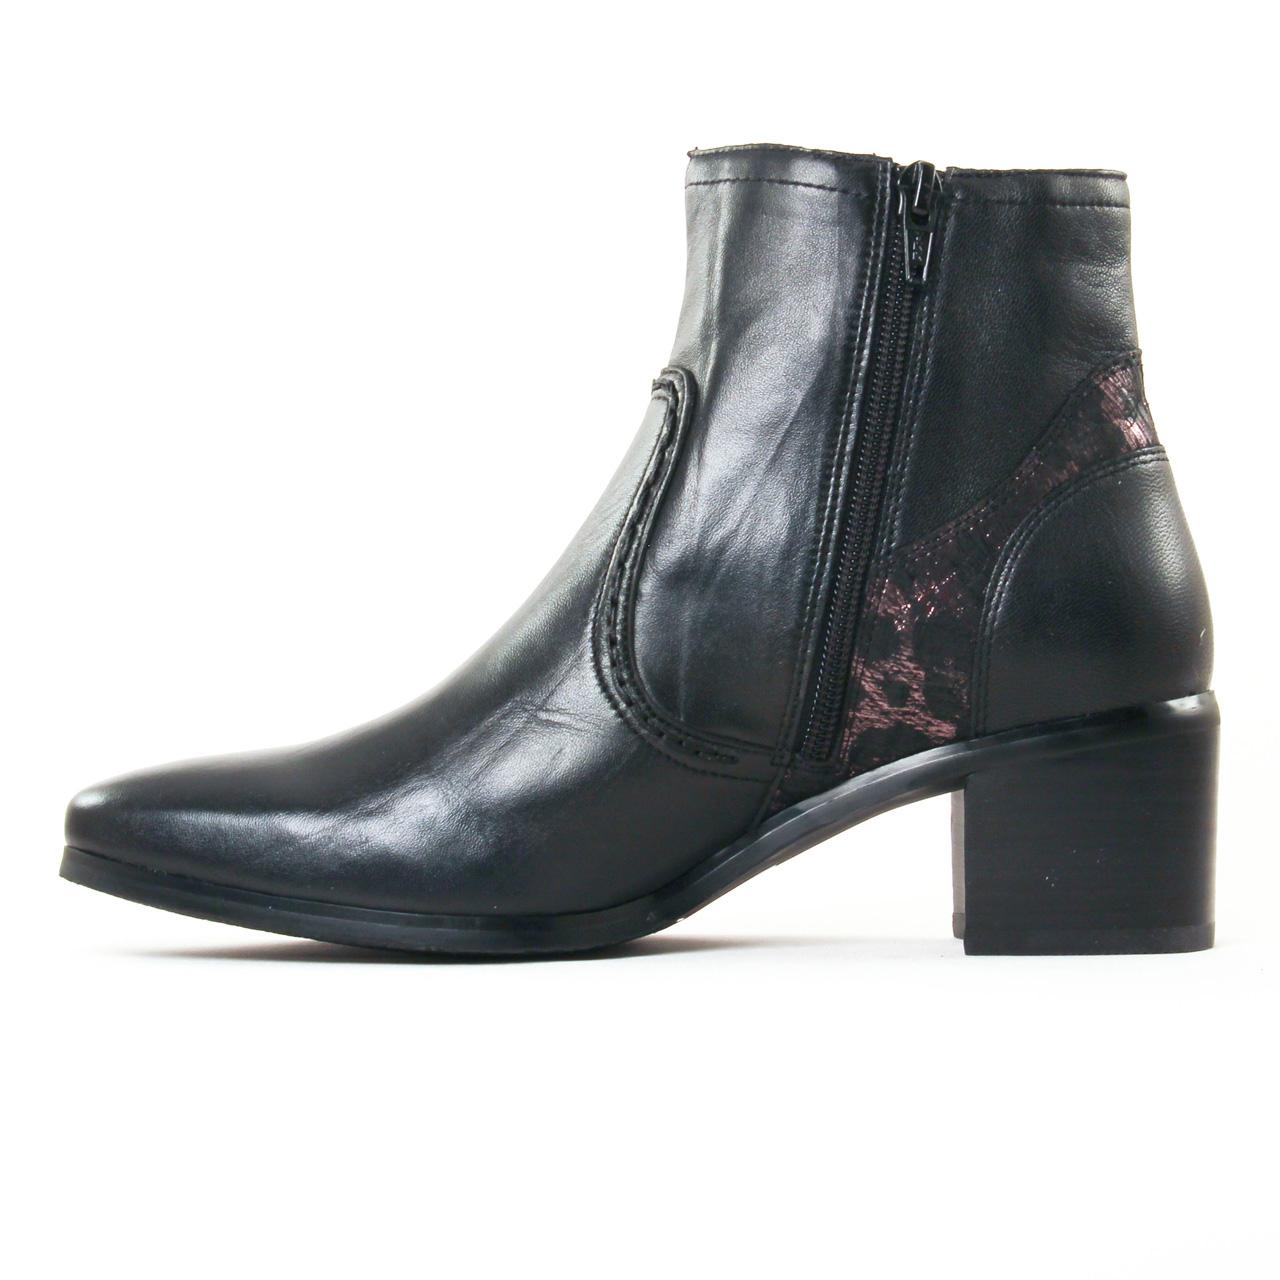 fugitive laino nappa noir | boot talon noir automne hiver 2017